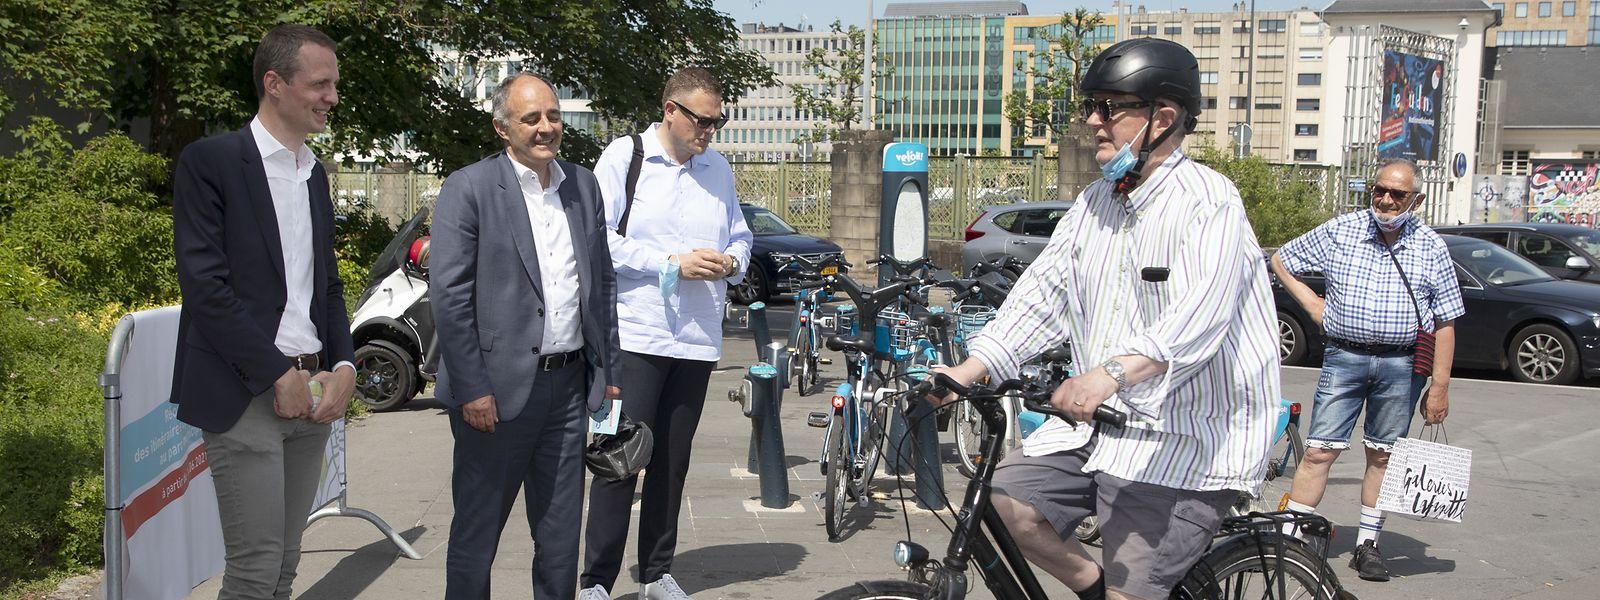 Der Stadtpark ist für Radfahrer eine sehr wichtige und vor allem sichere Verbindung in der Stadt. Als Serge Wilmes und Patrick Goldschmidt die neue Reglementierung am Mittwoch gegen 11.30 Uhr am Parkeingang vorstellten, waren hier schon 480 Radfahrer an der Zählstation passiert.